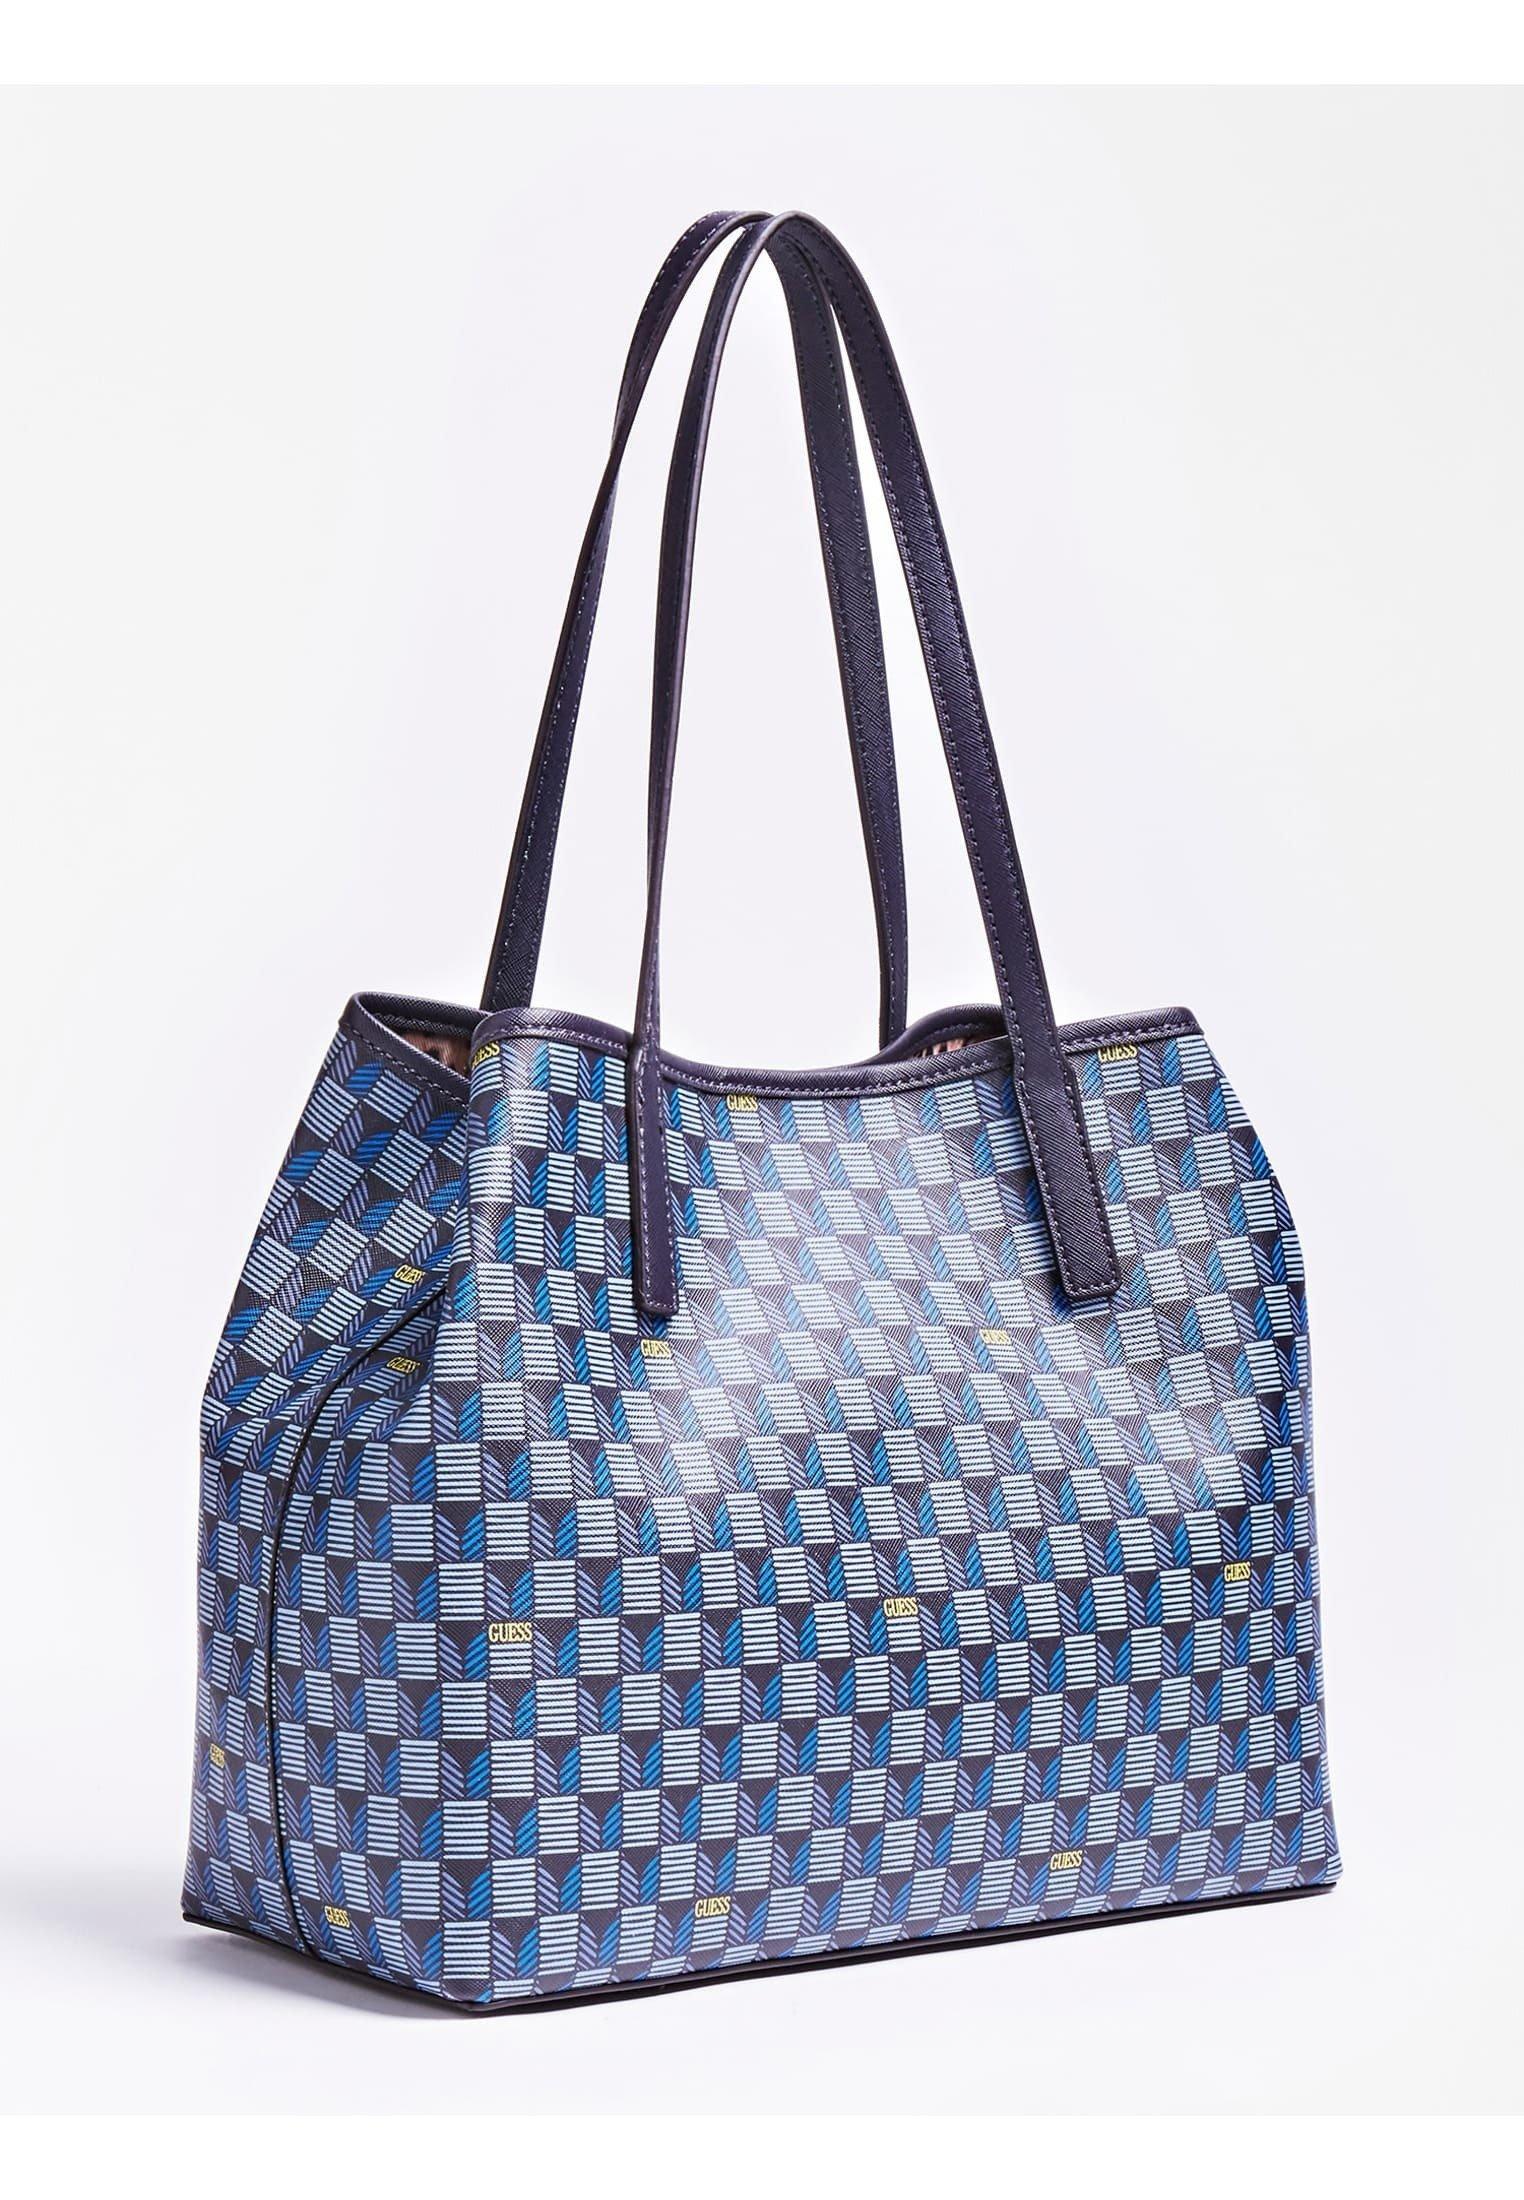 Guess Handtasche - Blau